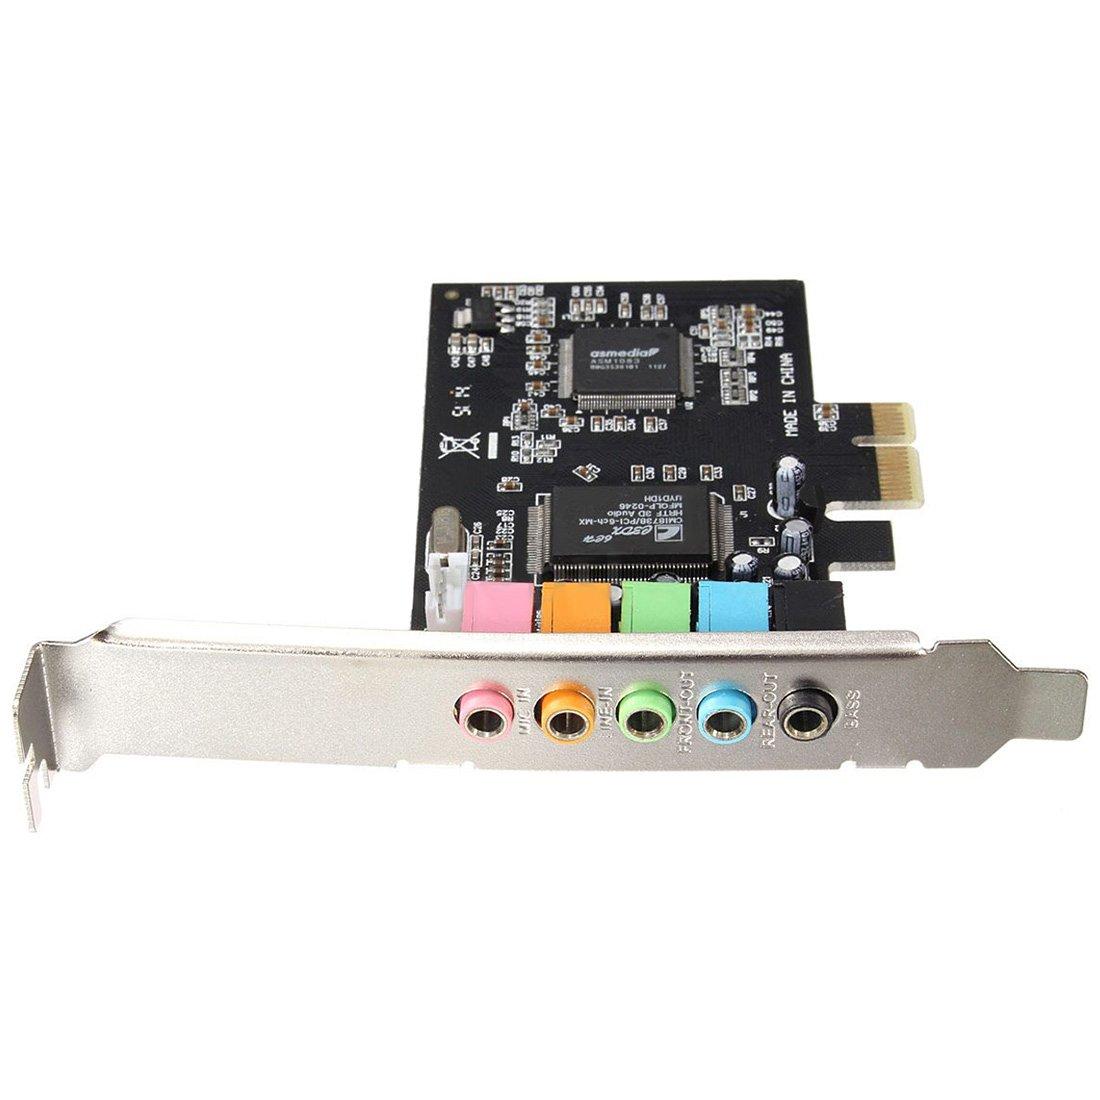 CMI8738 stereo Surround Sound Card - SODIAL(R)PCI-E 5.1 Sound 6 port sound card CMI8738 cinema stereo Surround Sound Card